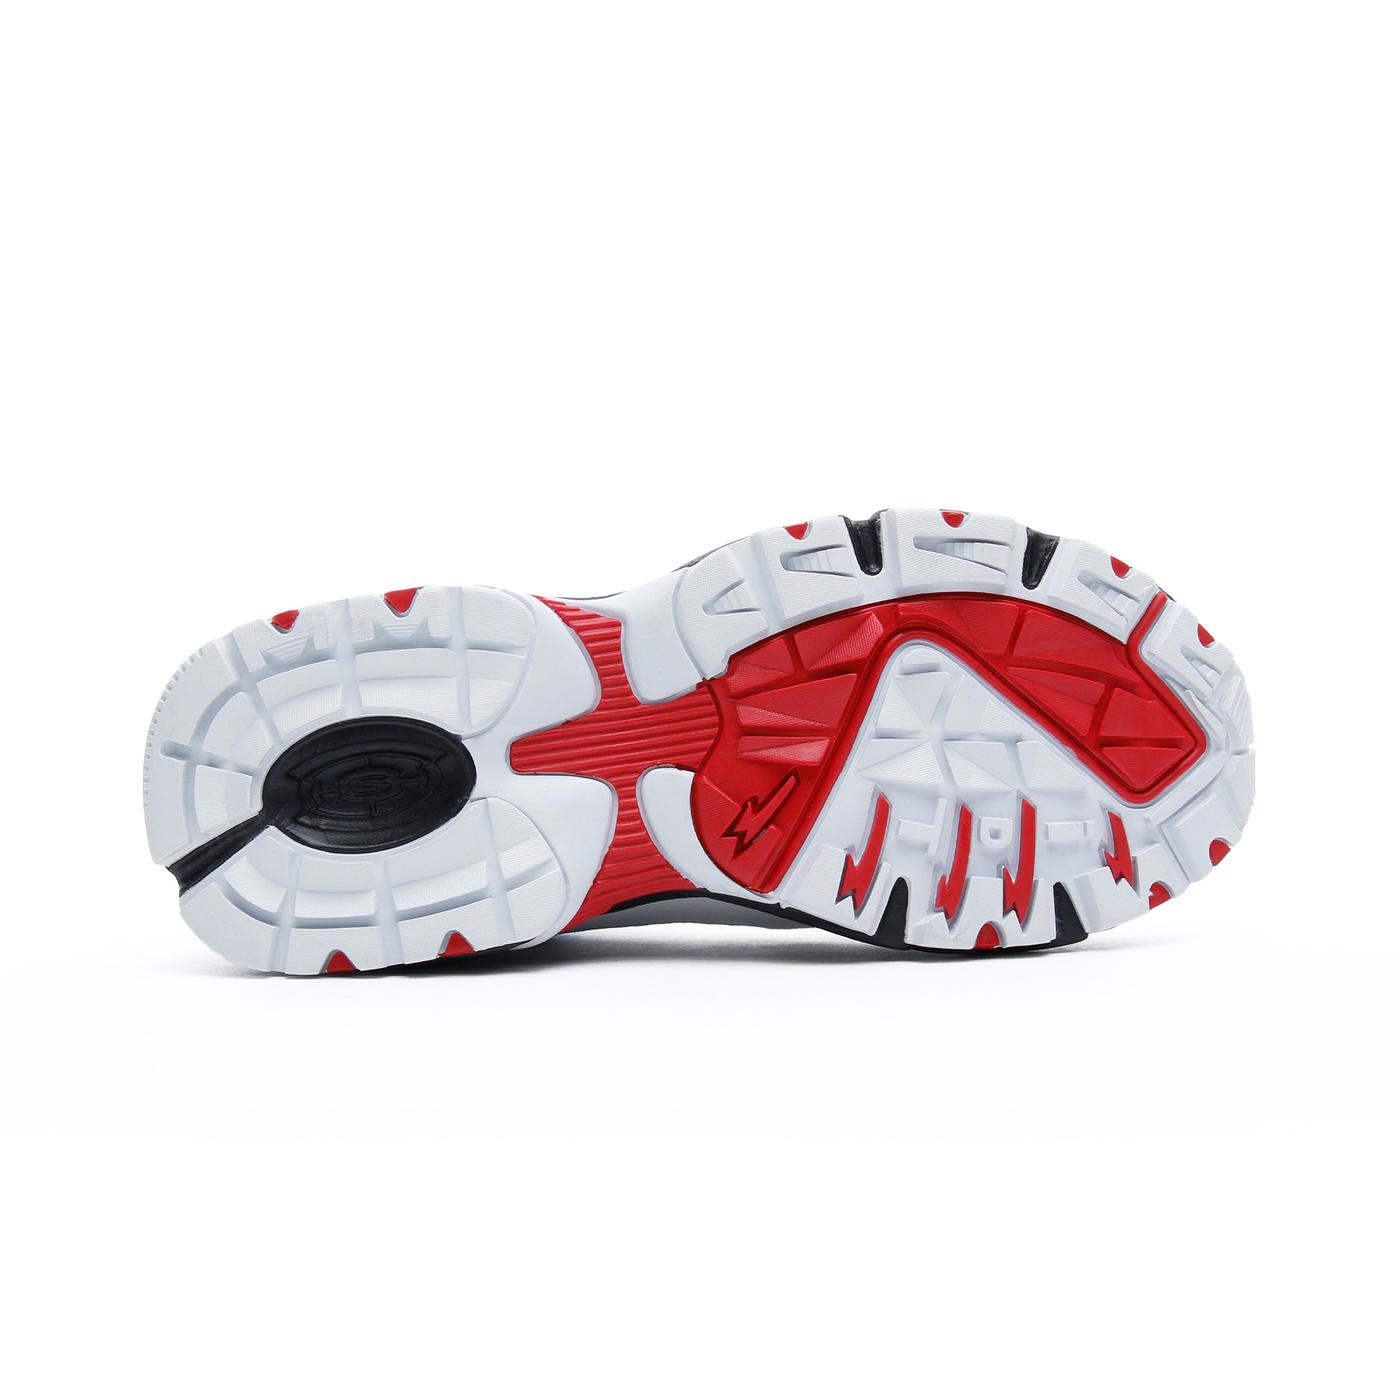 Skechers Stamina - Bluecoast Erkek Beyaz Spor Ayakkabı